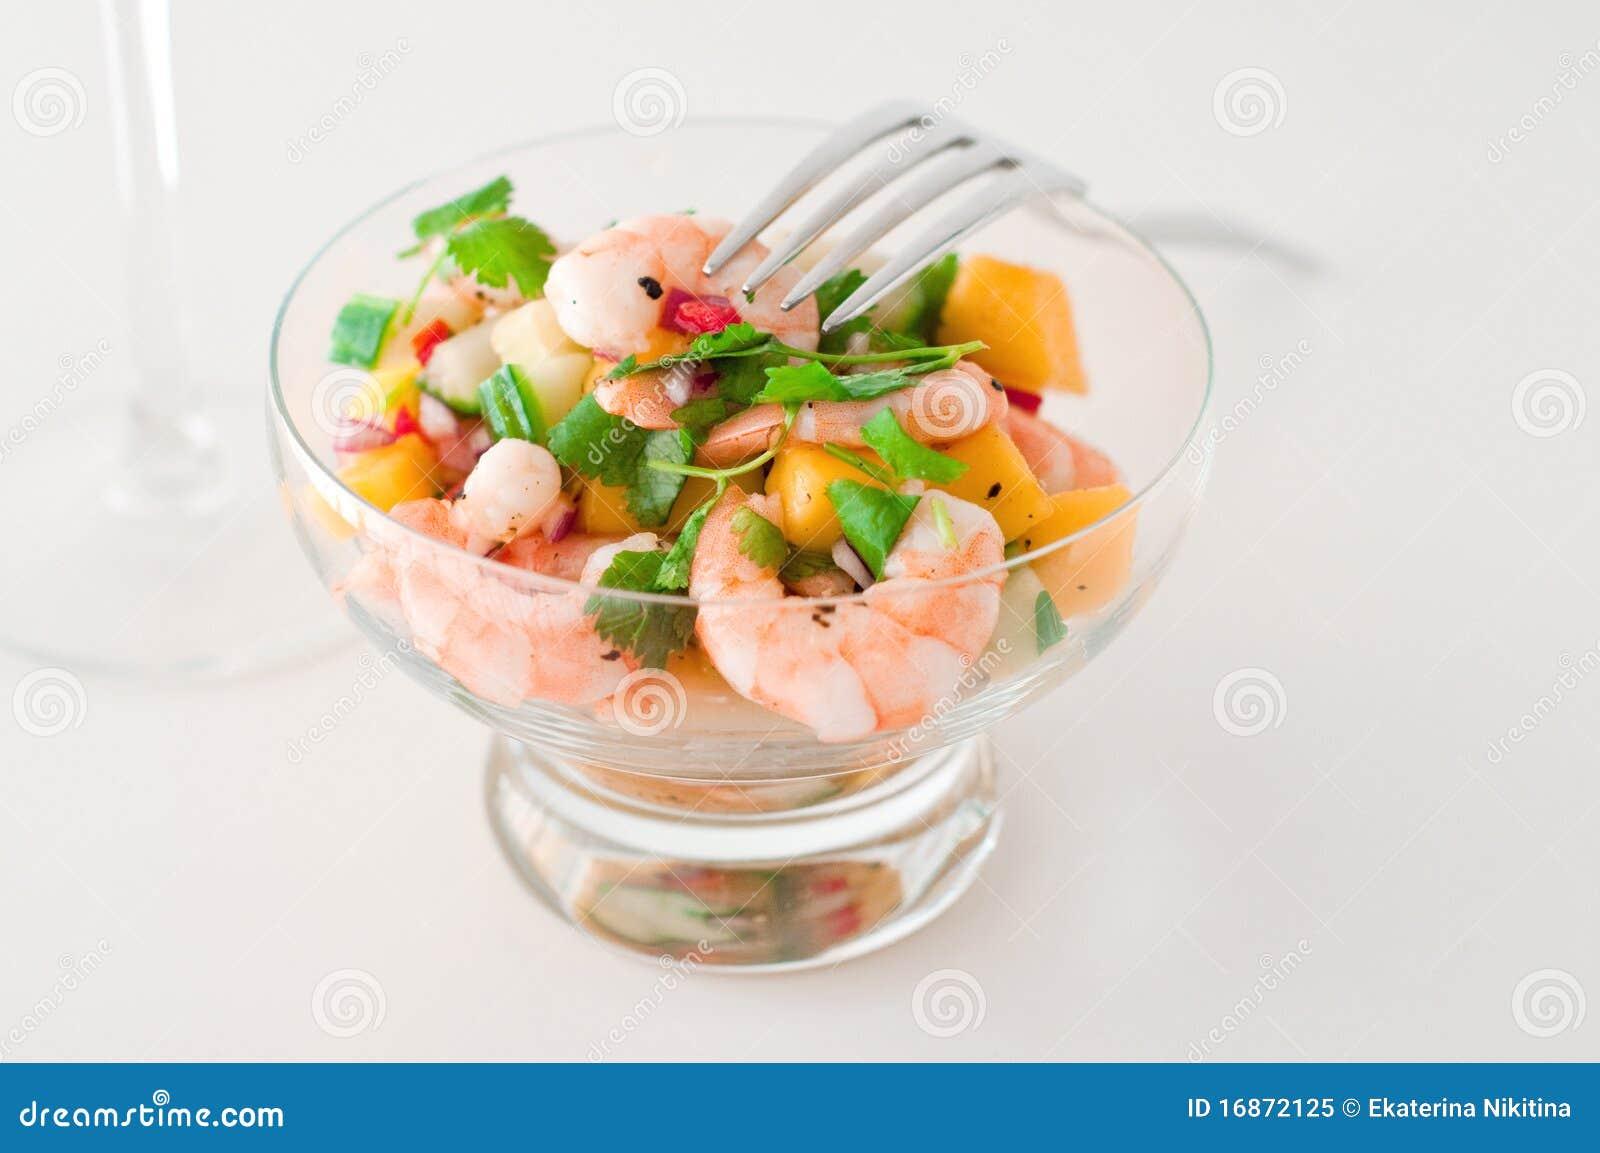 黄瓜芒果大虾沙拉